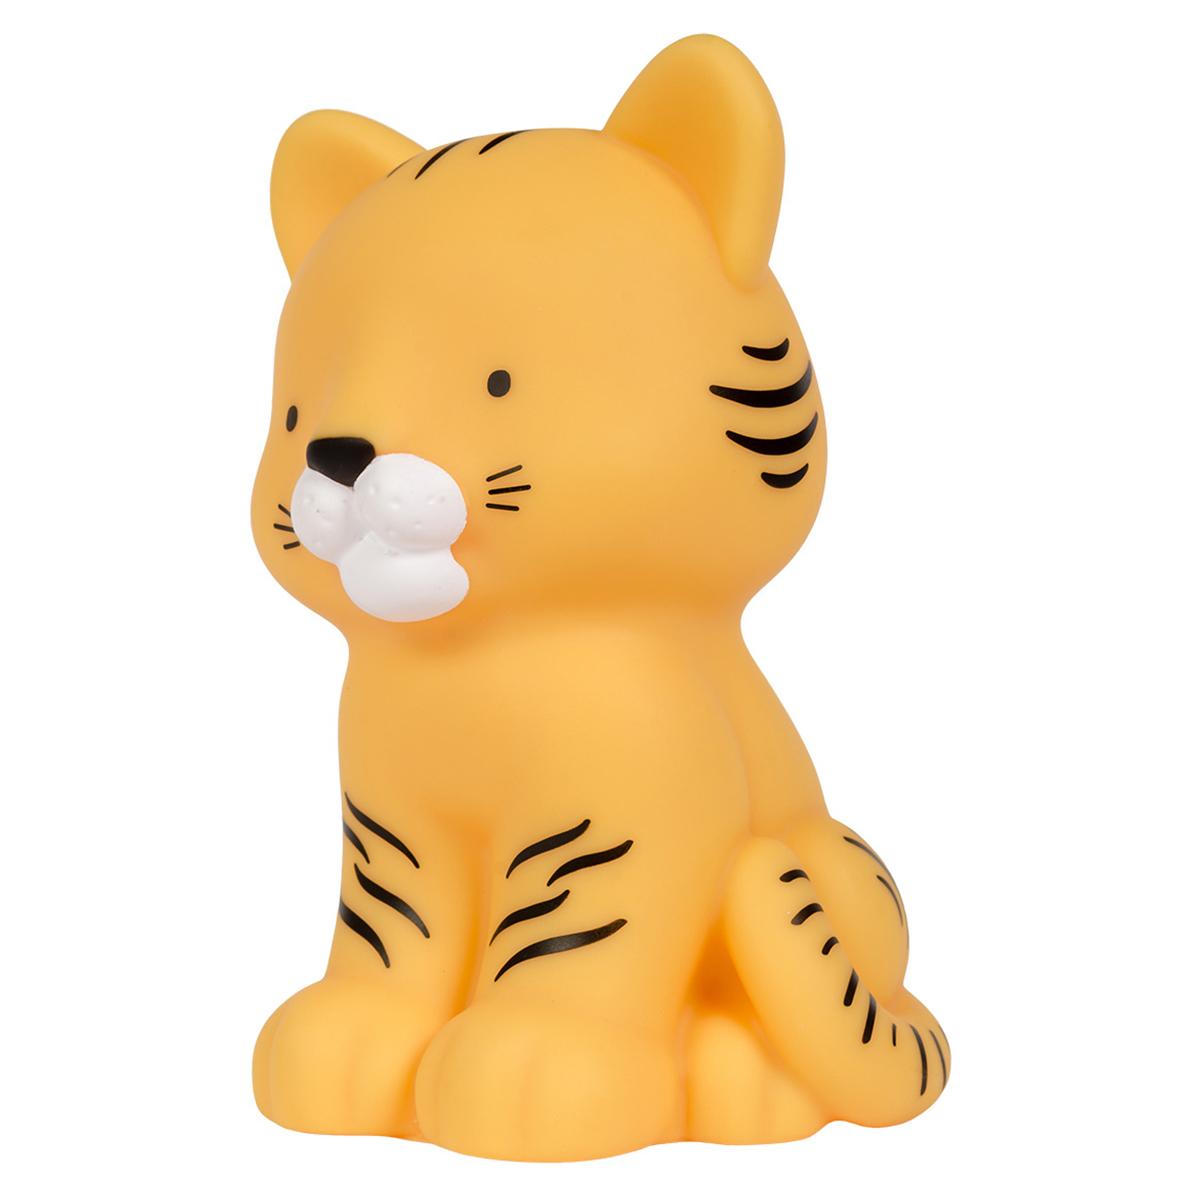 Veilleuse Petite Veilleuse Tigre - Jaune Petite Veilleuse Tigre - Jaune